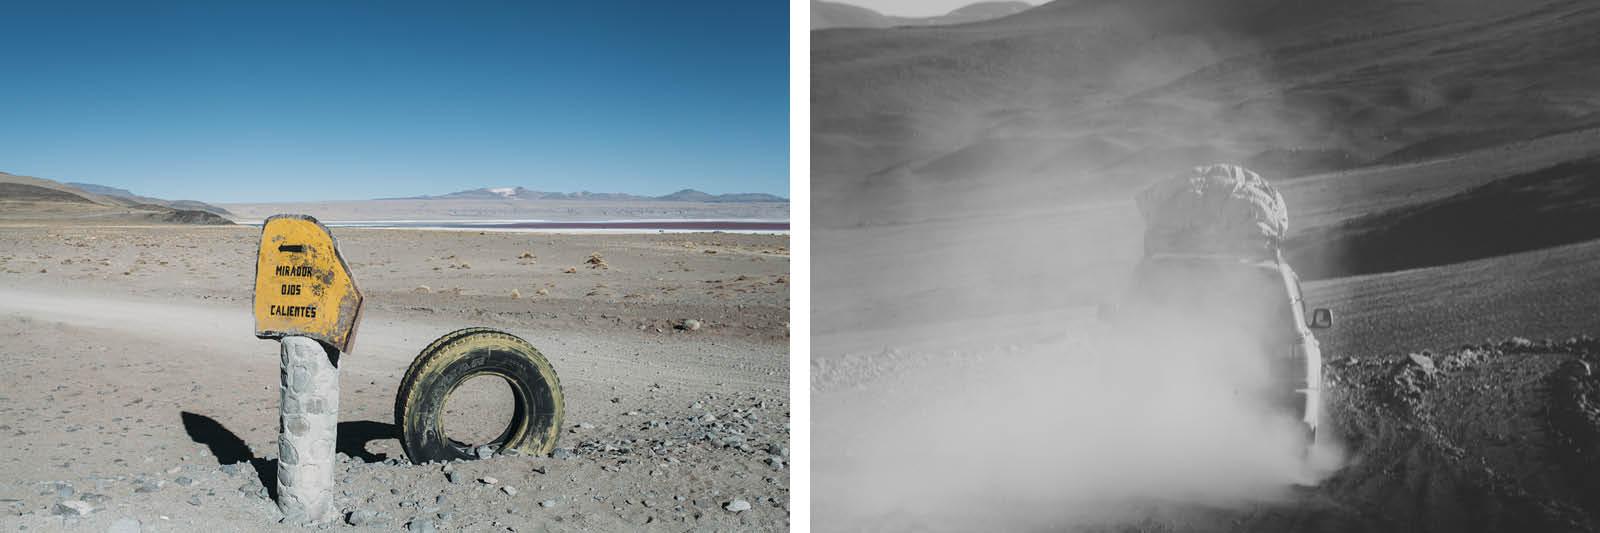 Evabloem-Salar-de-Uyuni_Bolivia-000118.jpg